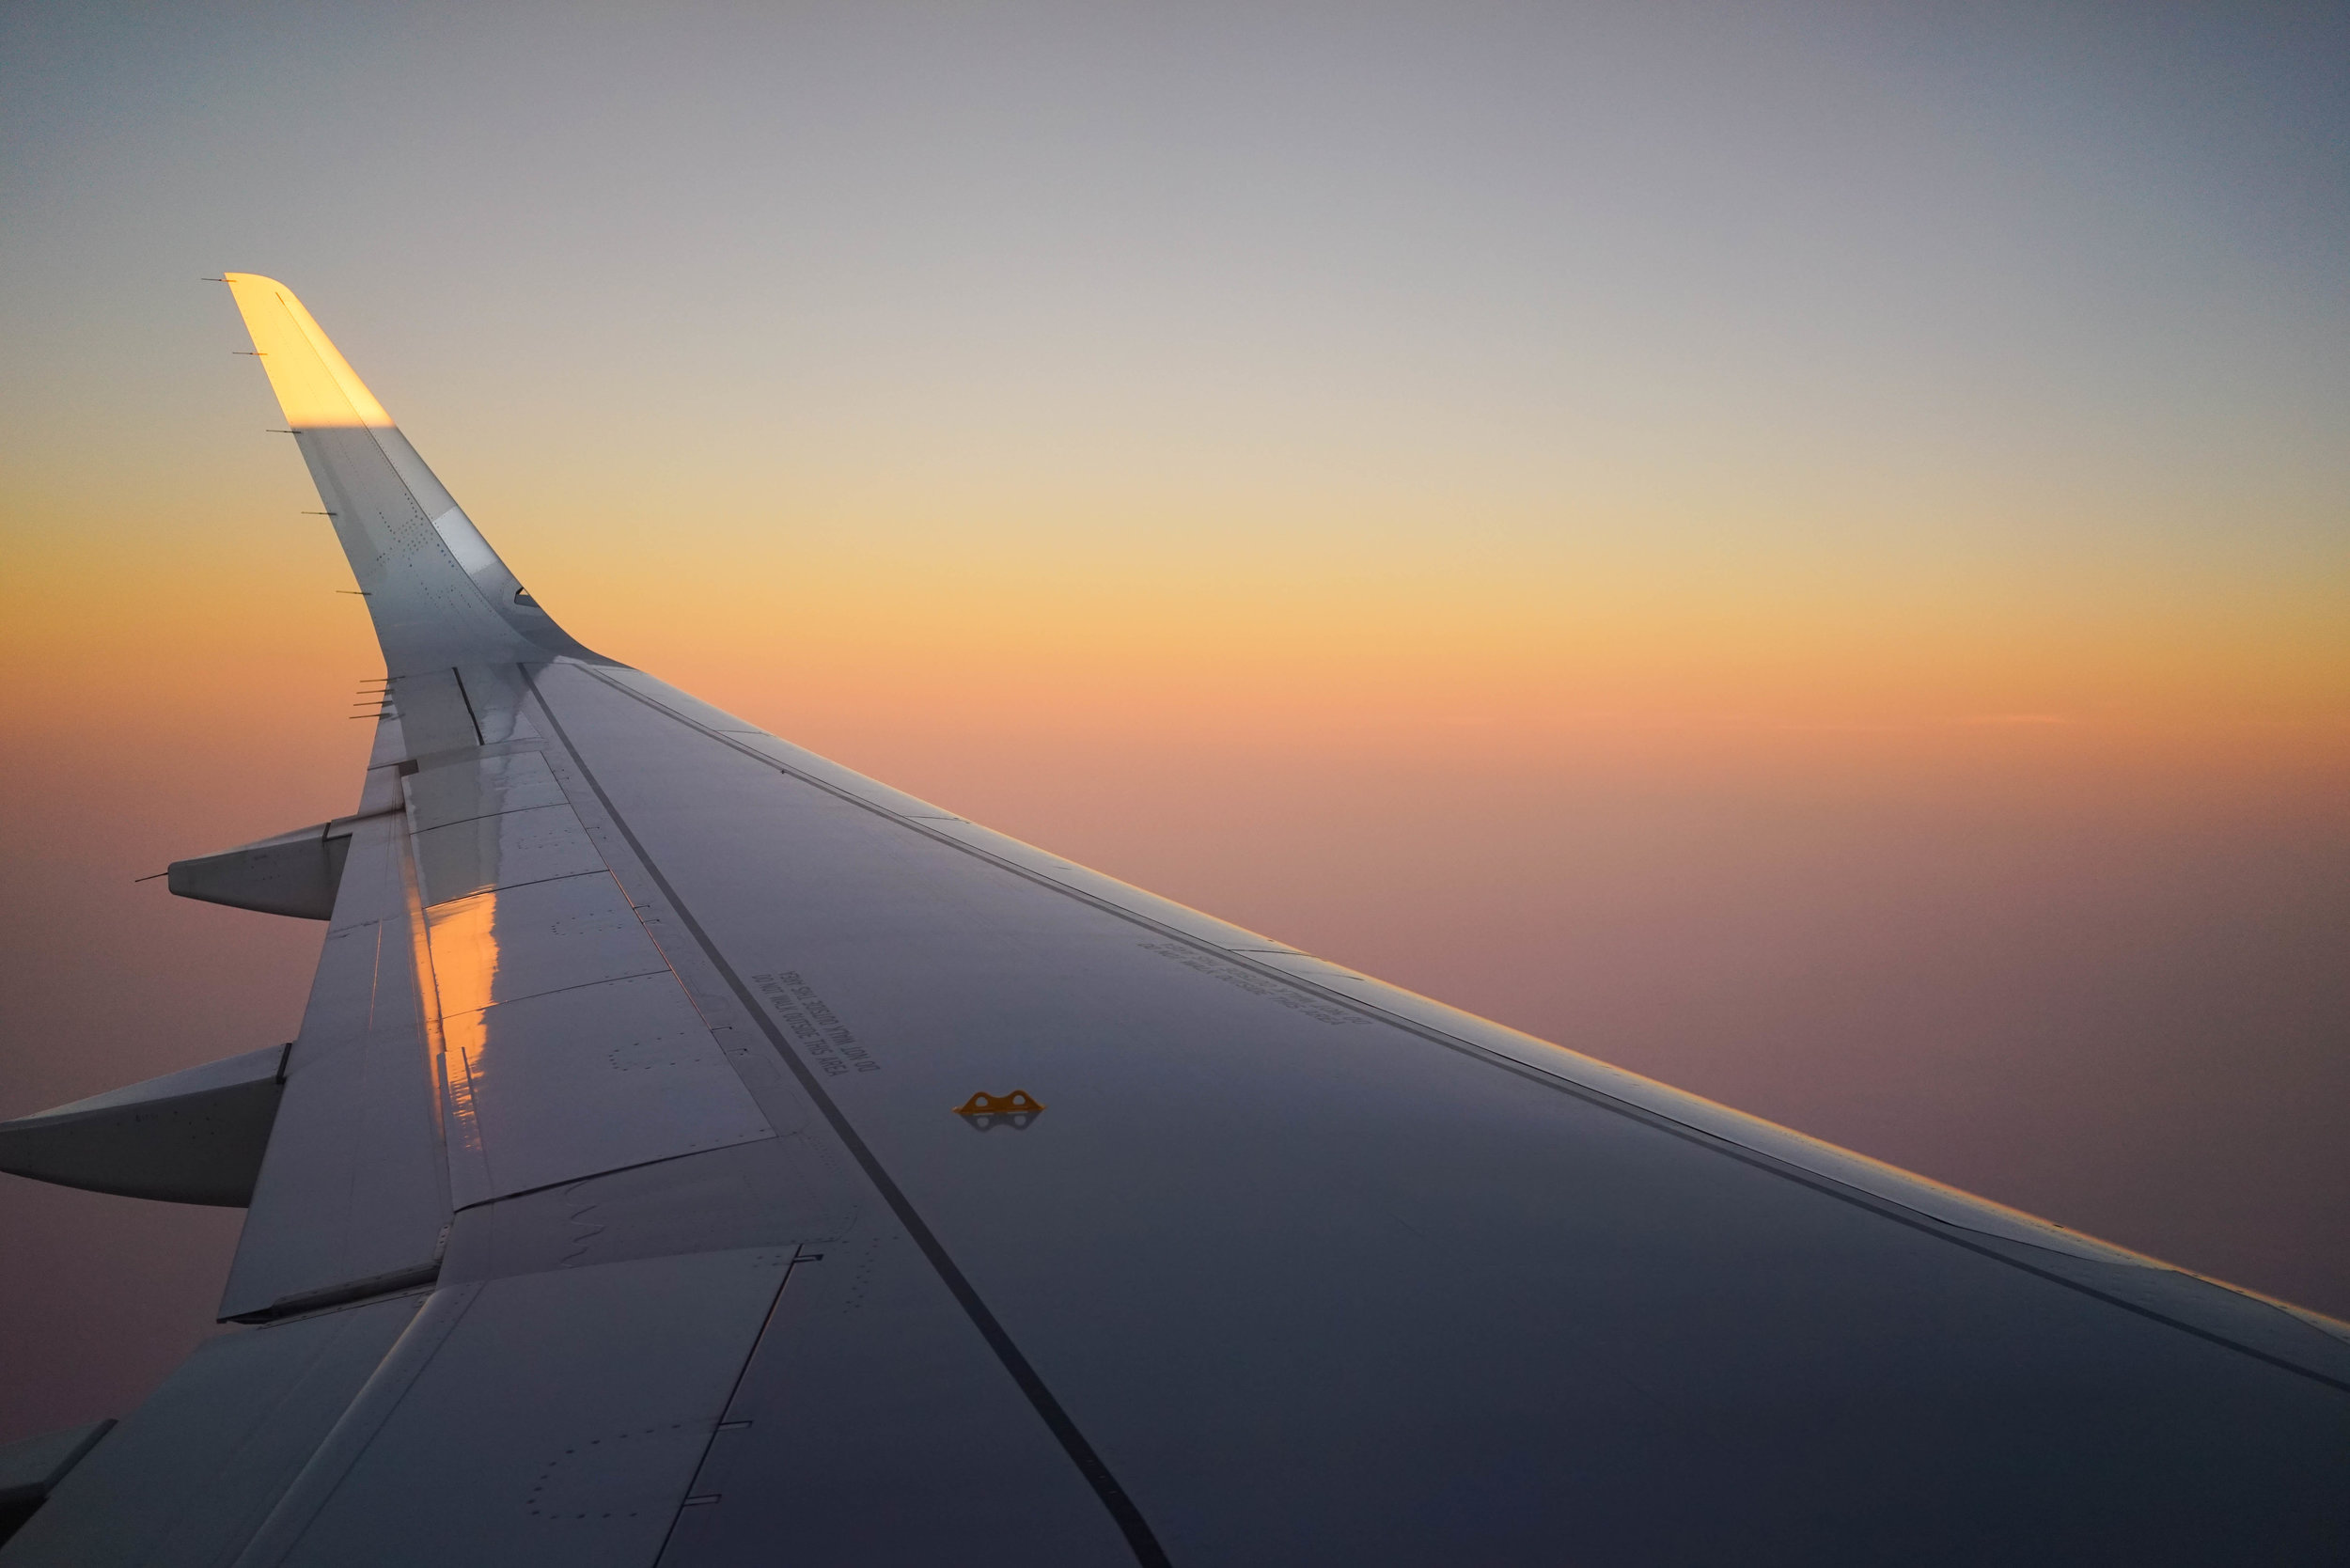 Watercolor Plane. San Miguel, Mexico >> Dallas, Texas. September 2016